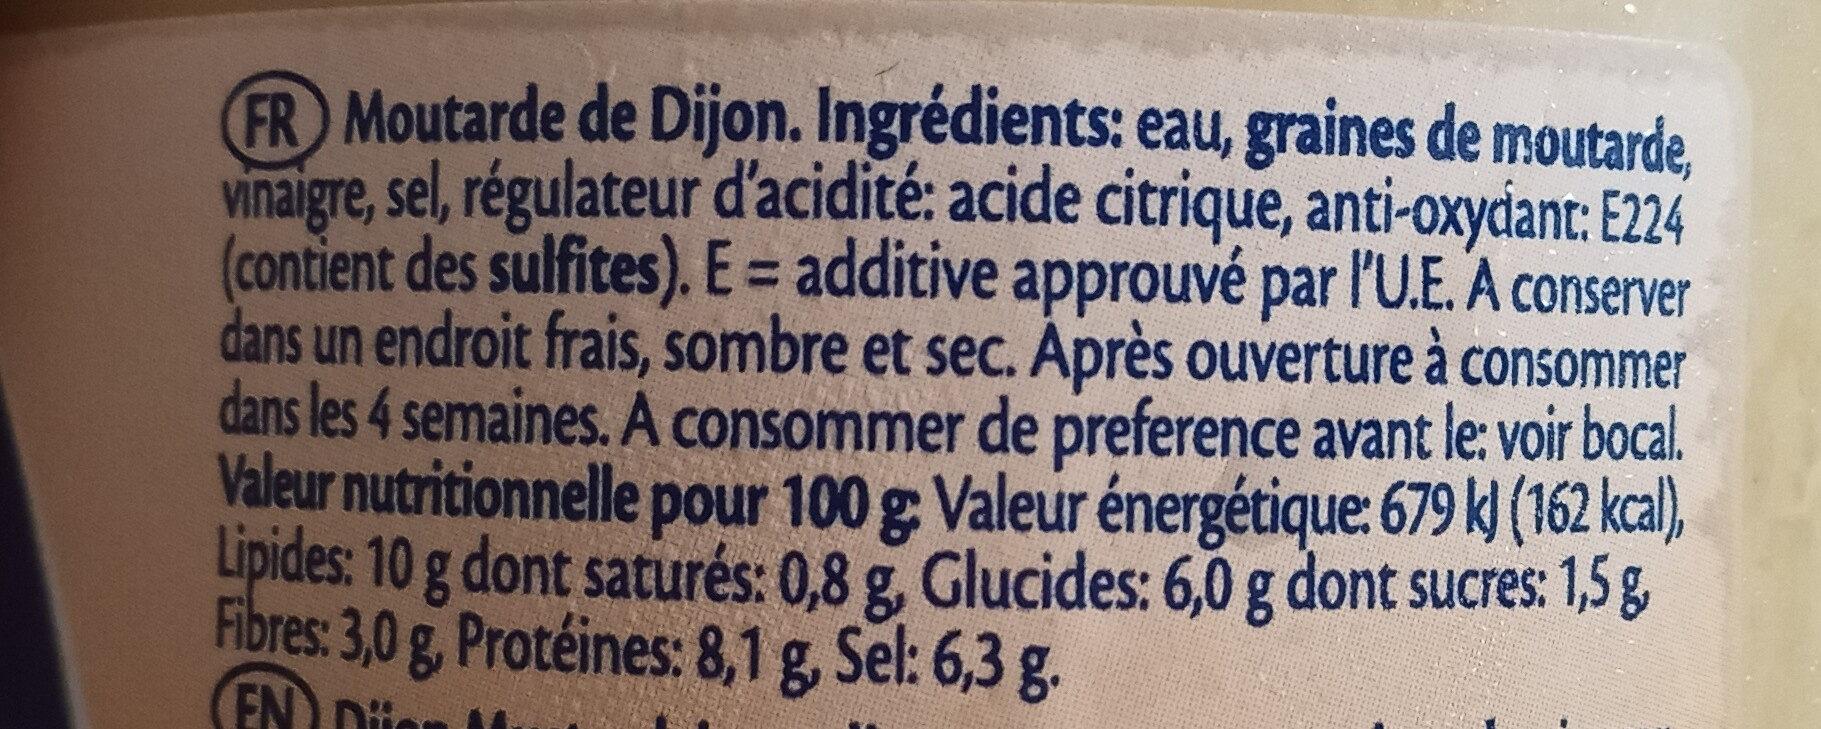 Moutarde de Dijon - Ingrediënten - fr